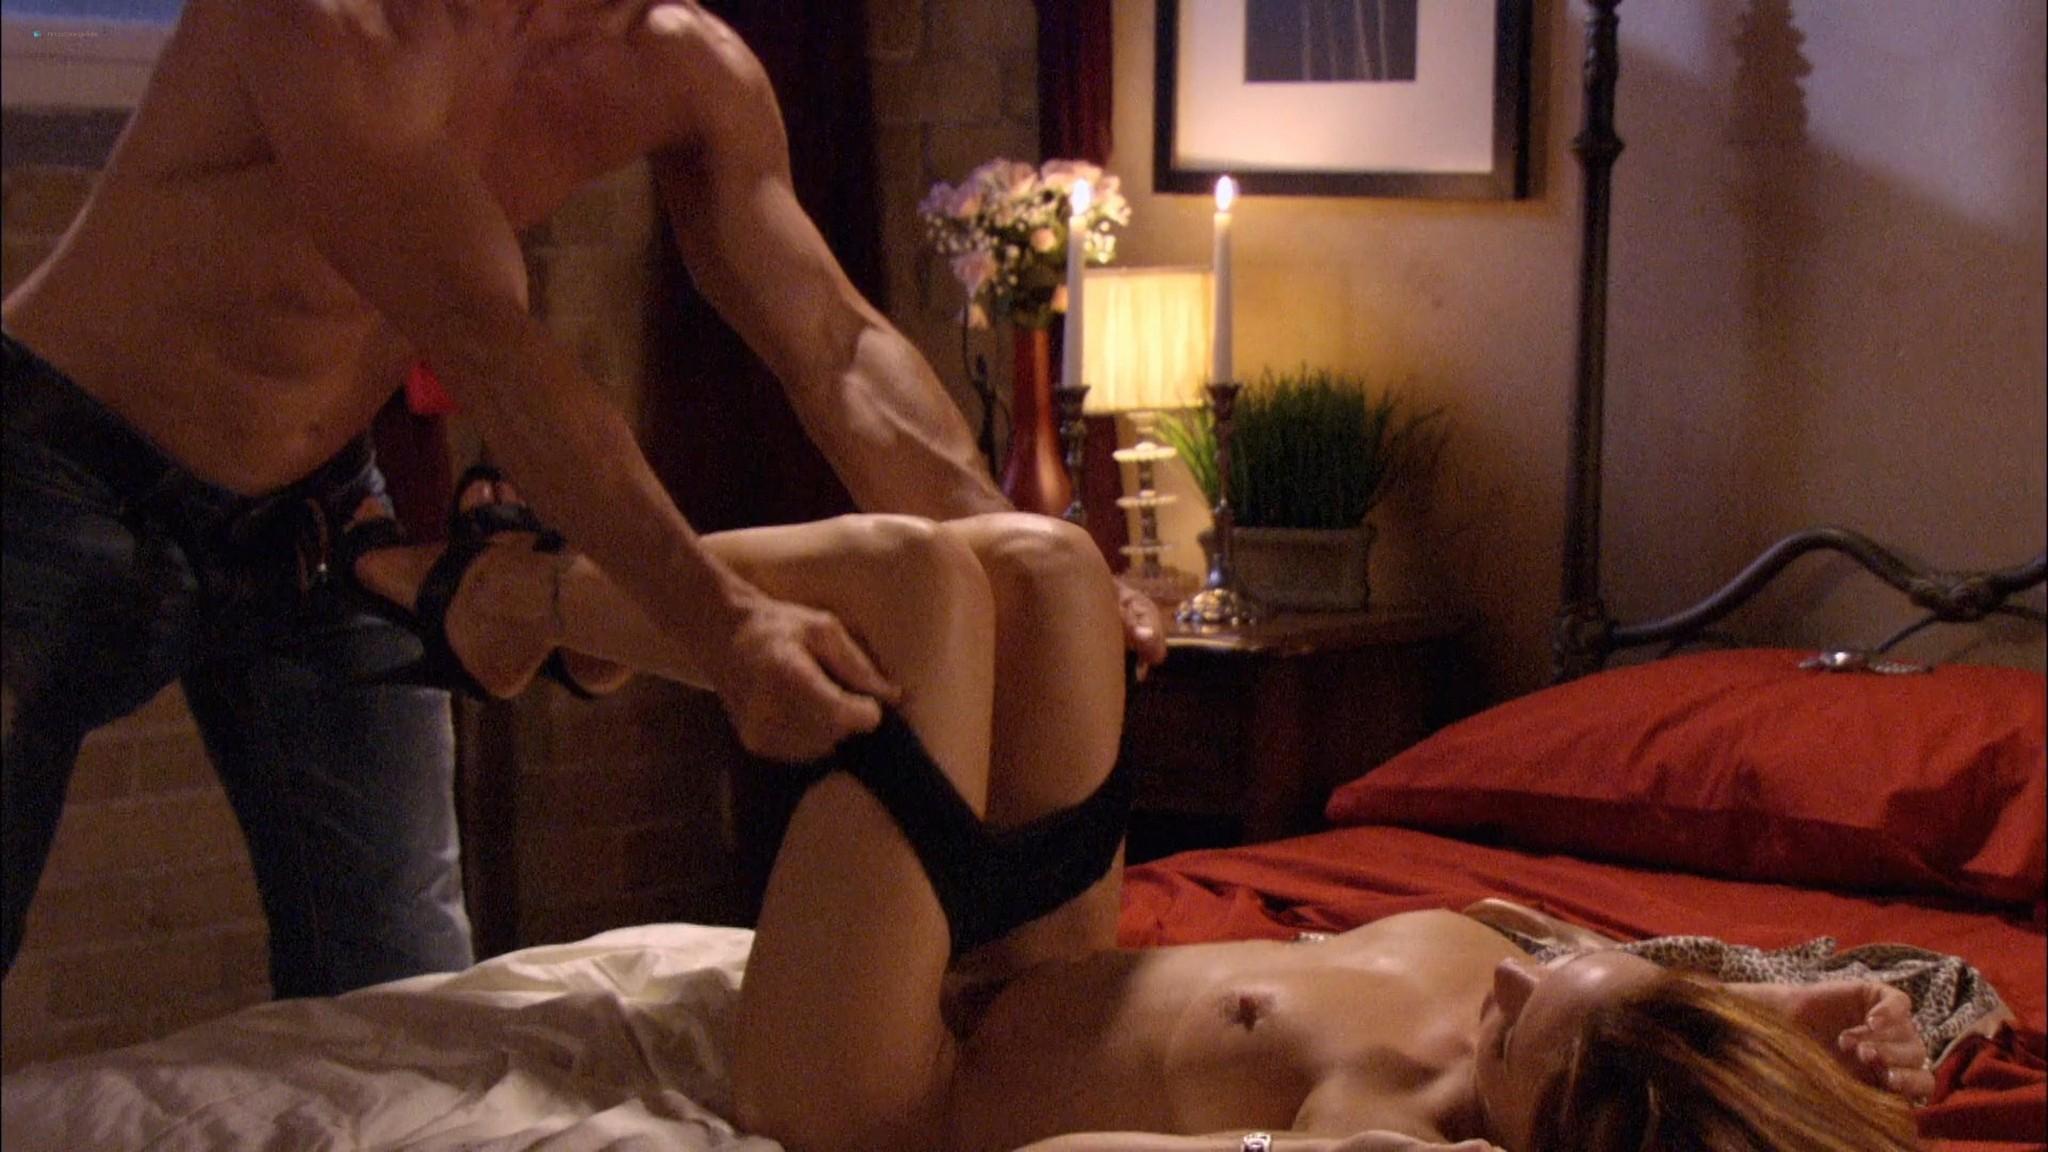 Noelle DuBois nude sex Jennifer Korbin nude sex too Lingerie 209 s2e9 1080p 14